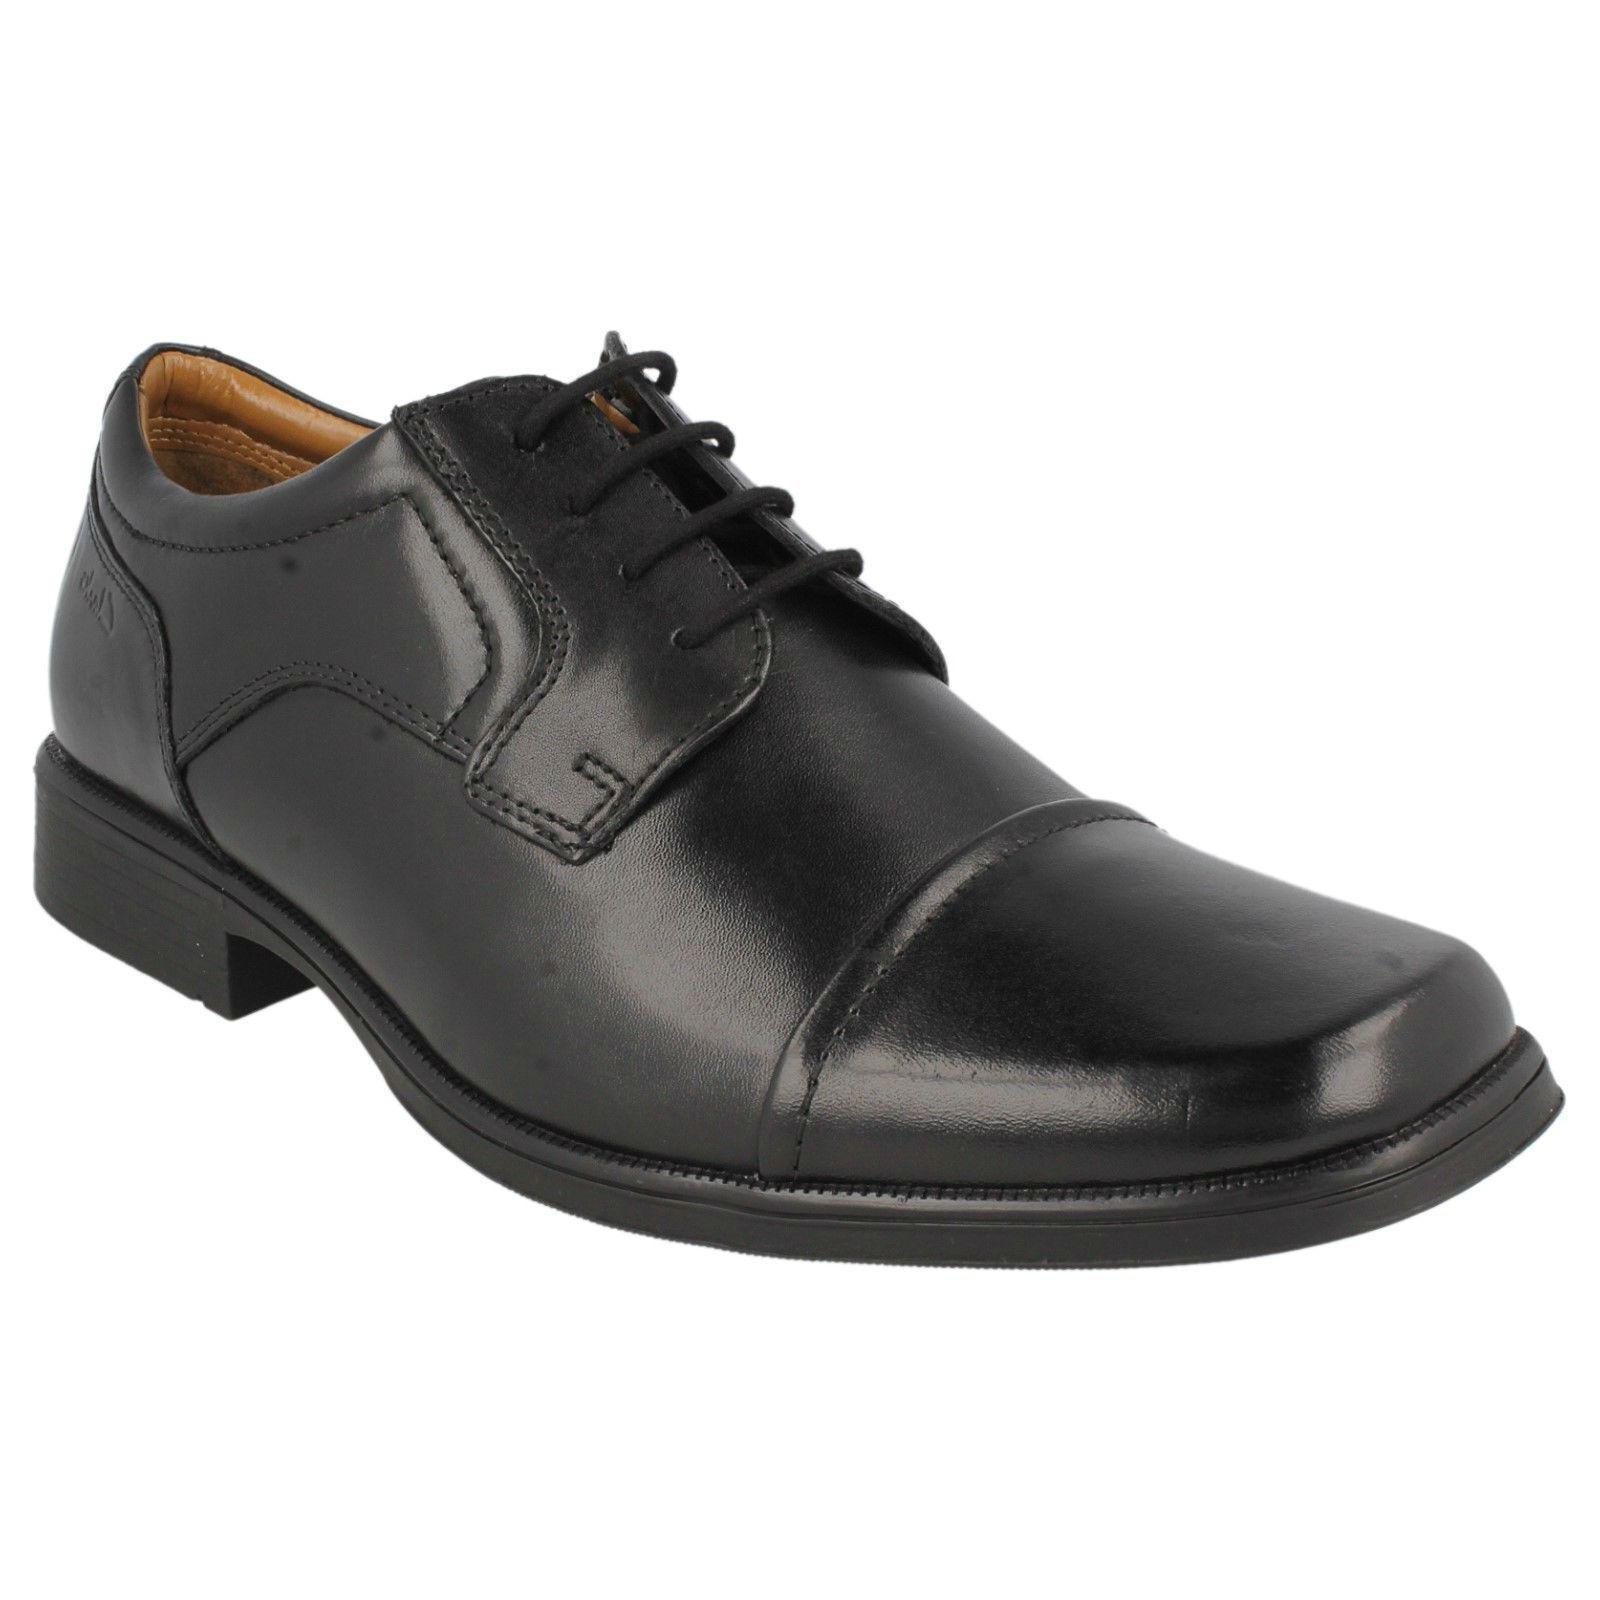 Herren Clarks Schnürer Zehenkappe Leder Formell Arbeit Büro Schuhe huckley Kappe